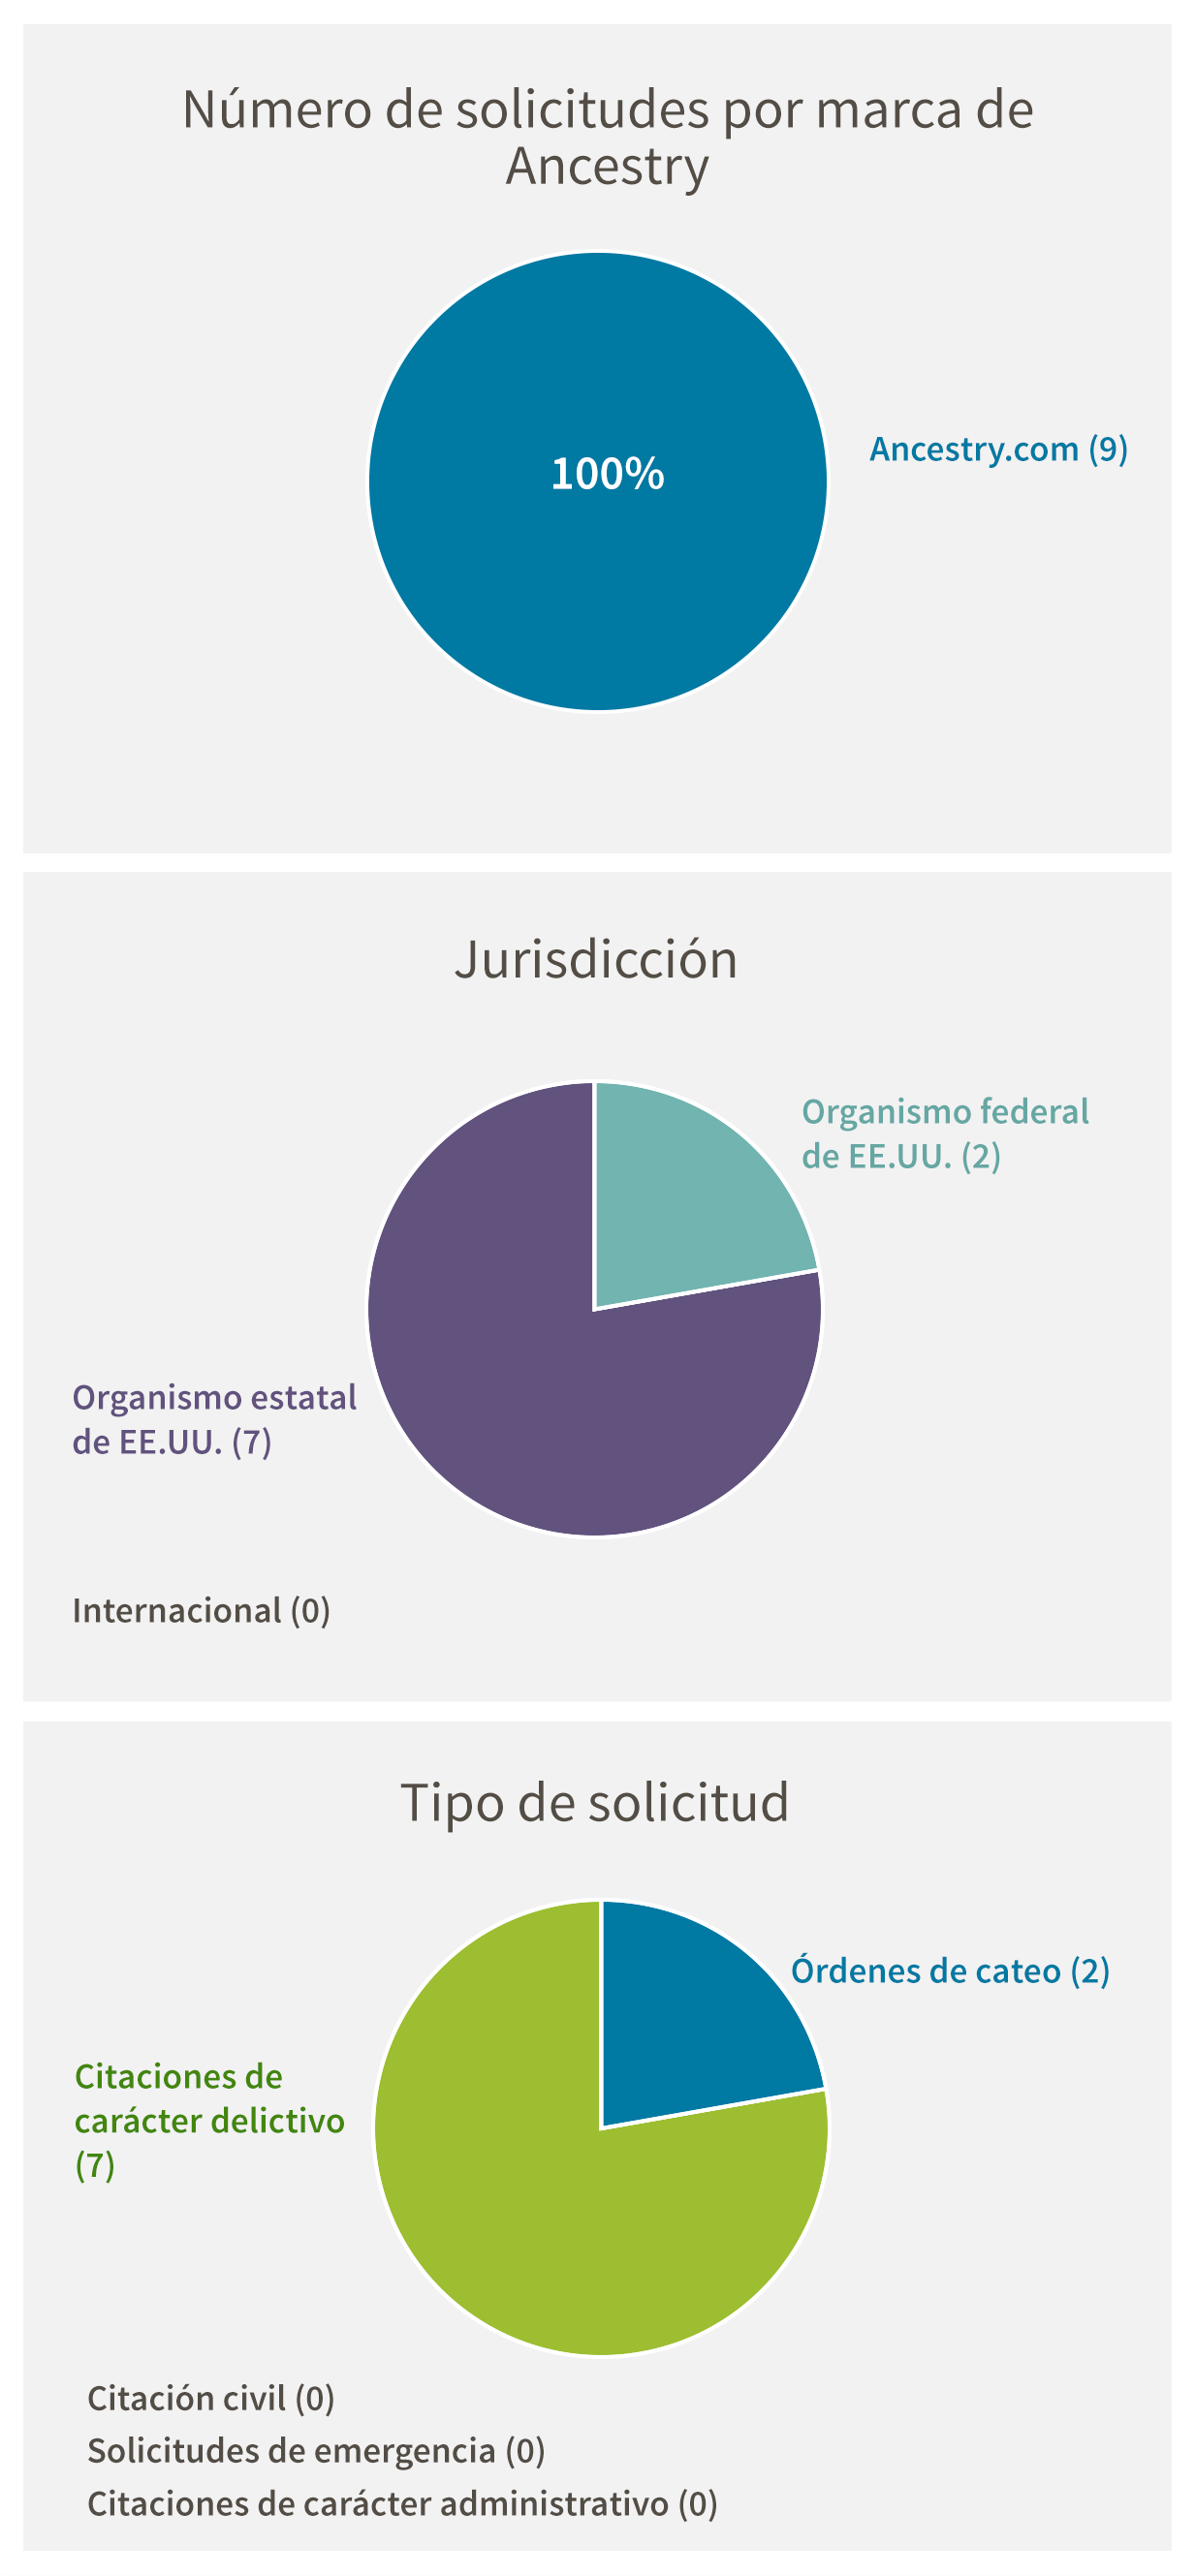 Número de solicitudes por marca de Ancestry: Ancestry.com (9). Jurisdicción: Organismo federal de EE.UU. (2), Organismo estatal de EE.UU. (7), Internacional (0). Tipo de solicitud: Citaciones de carácter delictivo (7), Órdenes de cateo (2), Citaciones de carácter civil (0), Solicitudes de emergencia (0), Citaciones de carácter administrativo (0)